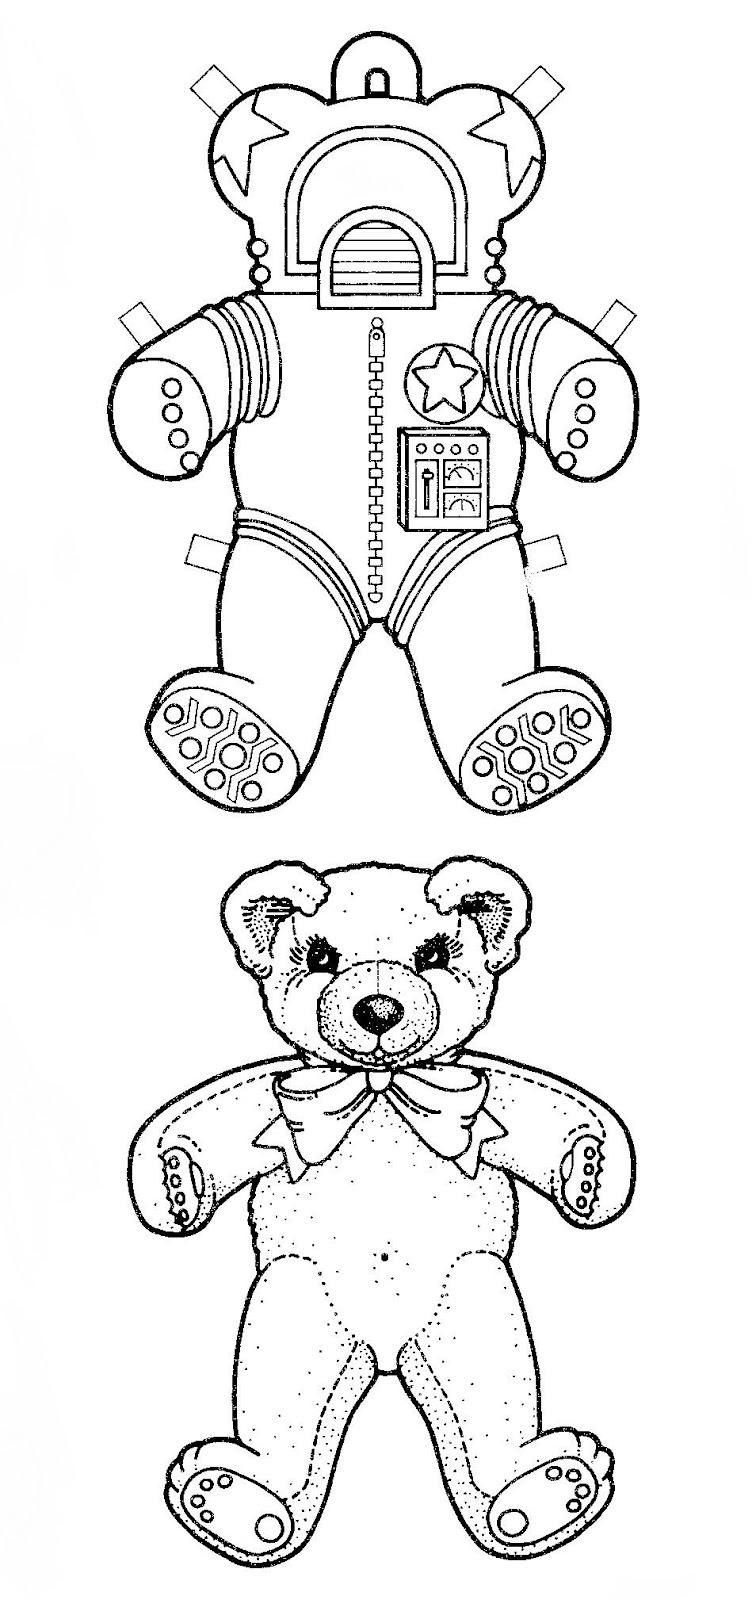 Mostly Paper Dolls: September 2012